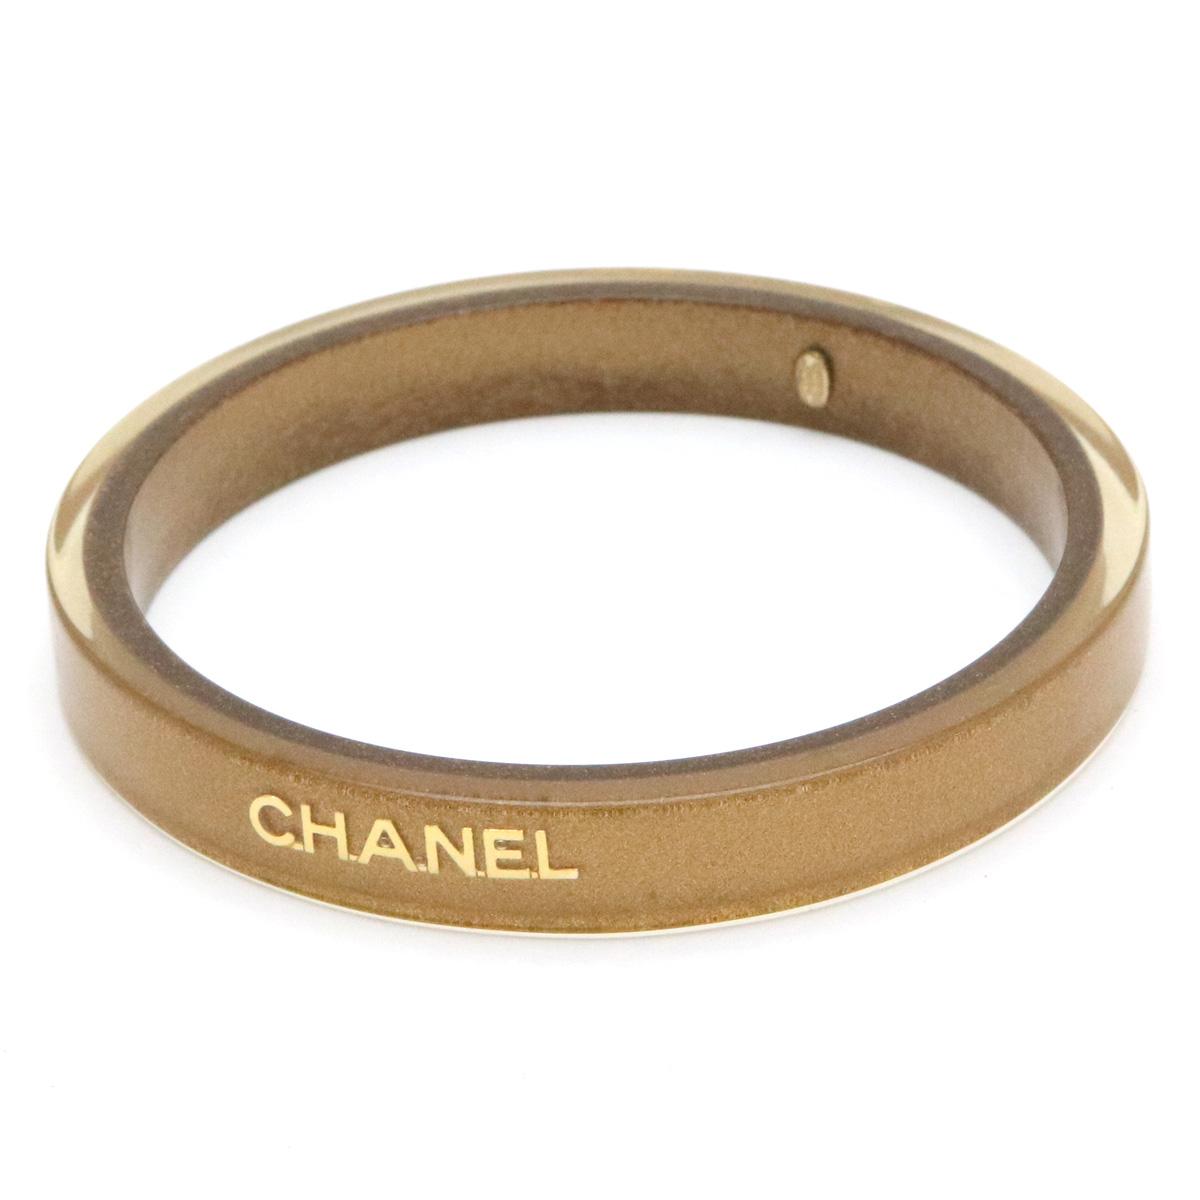 【ジュエリー】CHANEL シャネル ココマーク バングル ロゴ ブレスレット ゴールド ラメ クリア プラスチック 01 C 【中古】